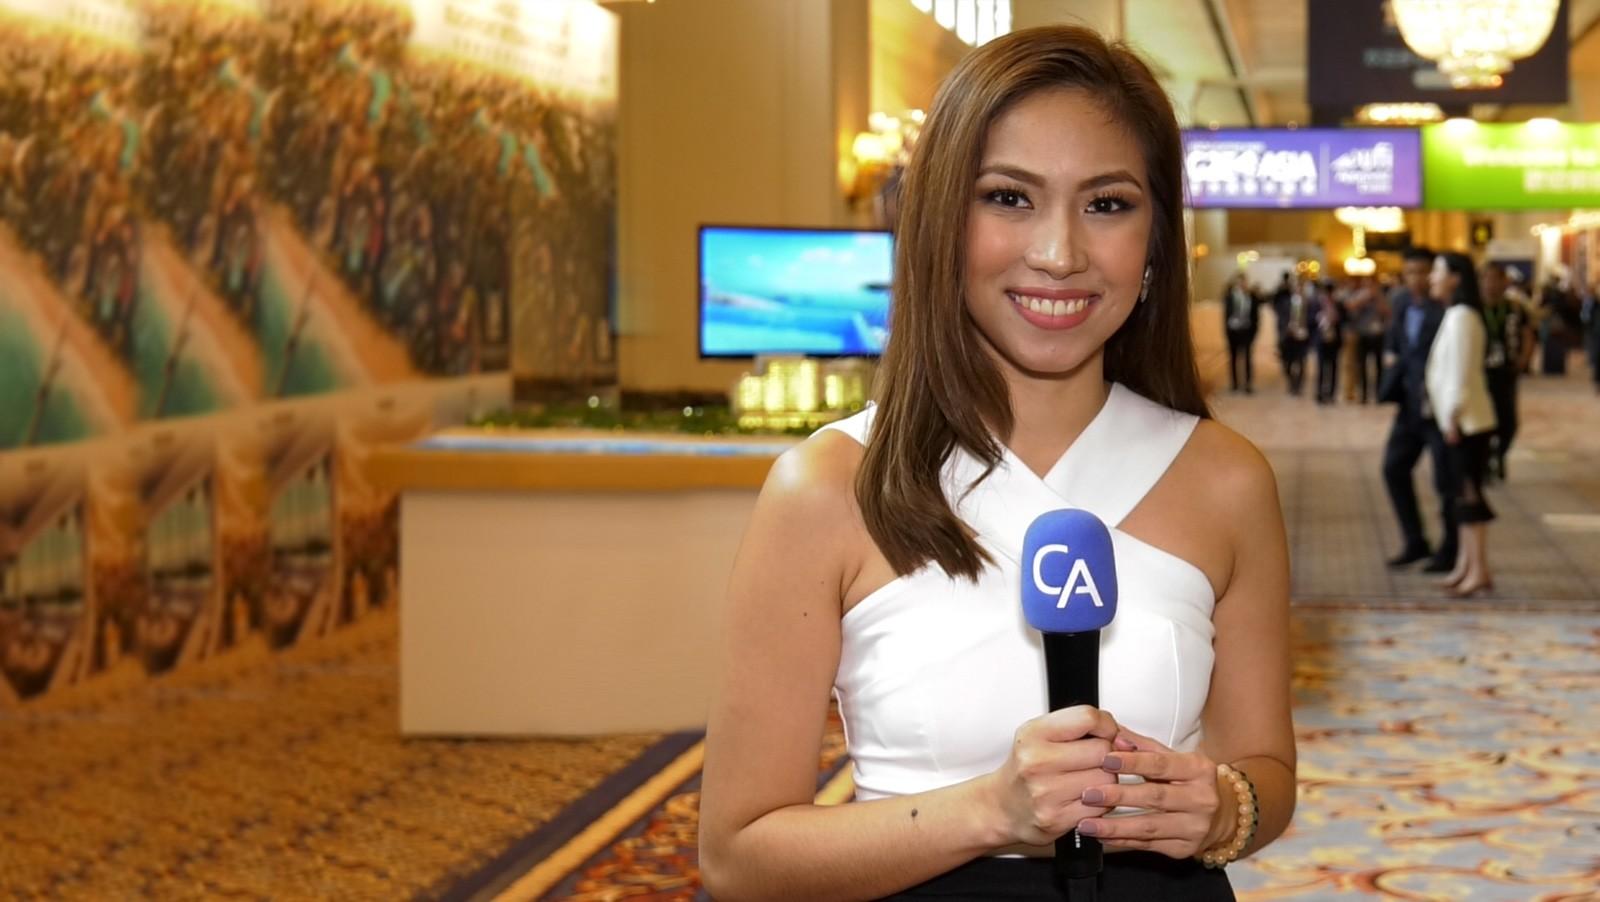 G2E Asia 2019 Day 1 recap